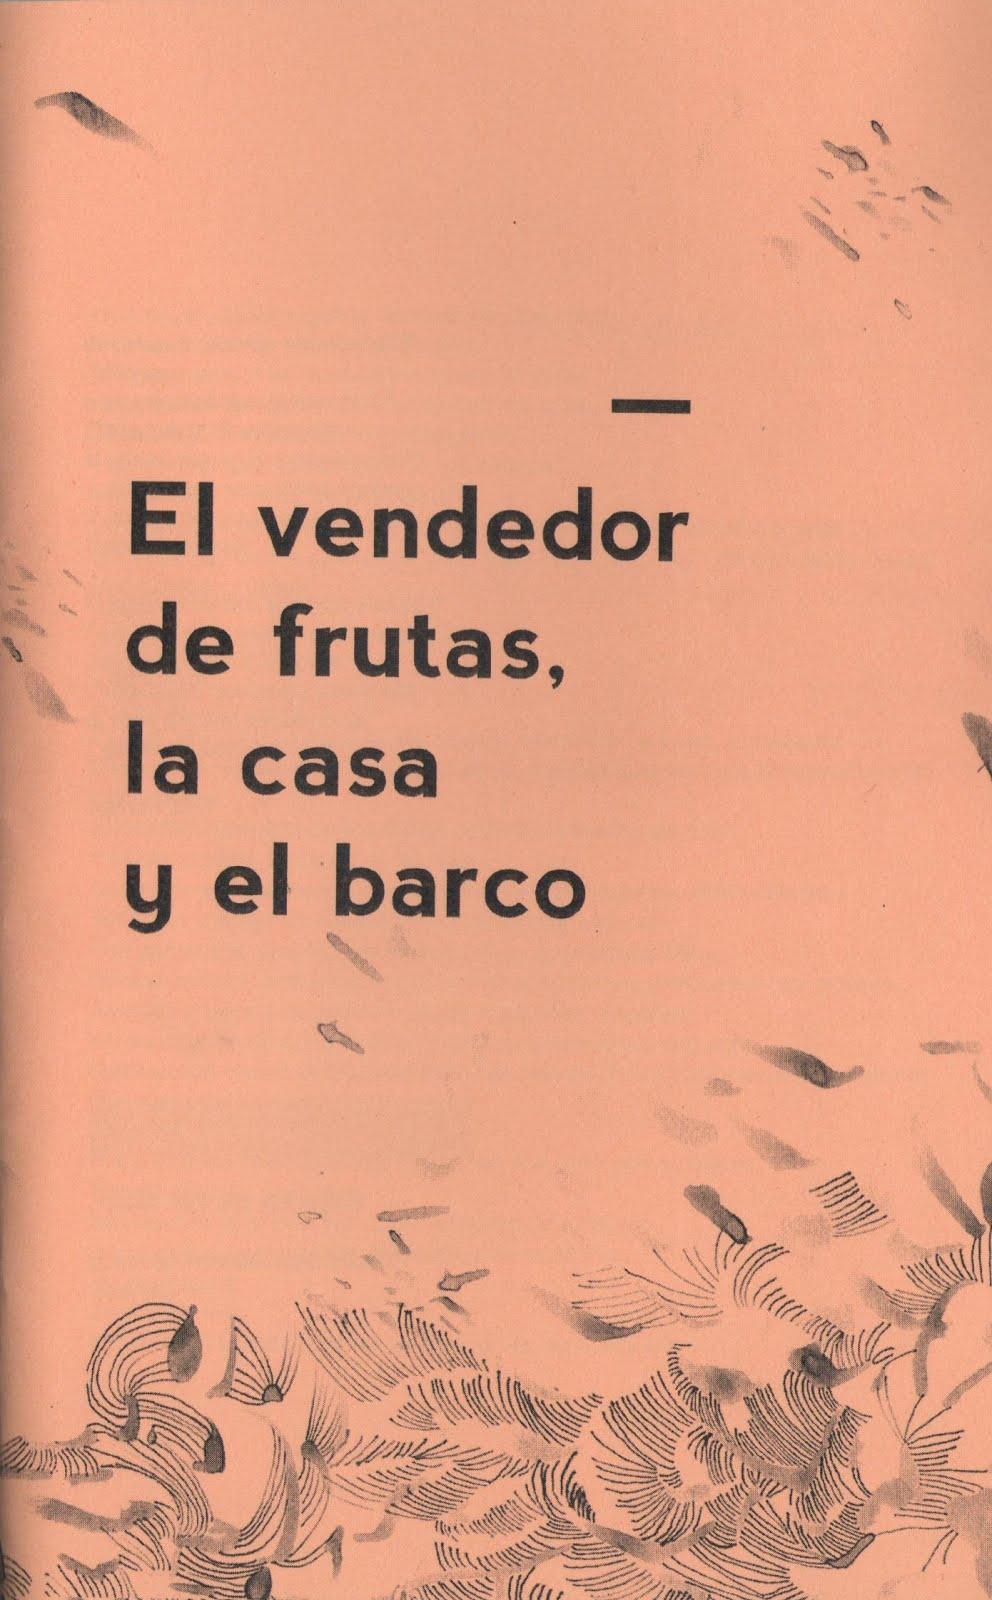 El vendedor de frutas, la casa y el barco. Ediciones Presente. 2016.